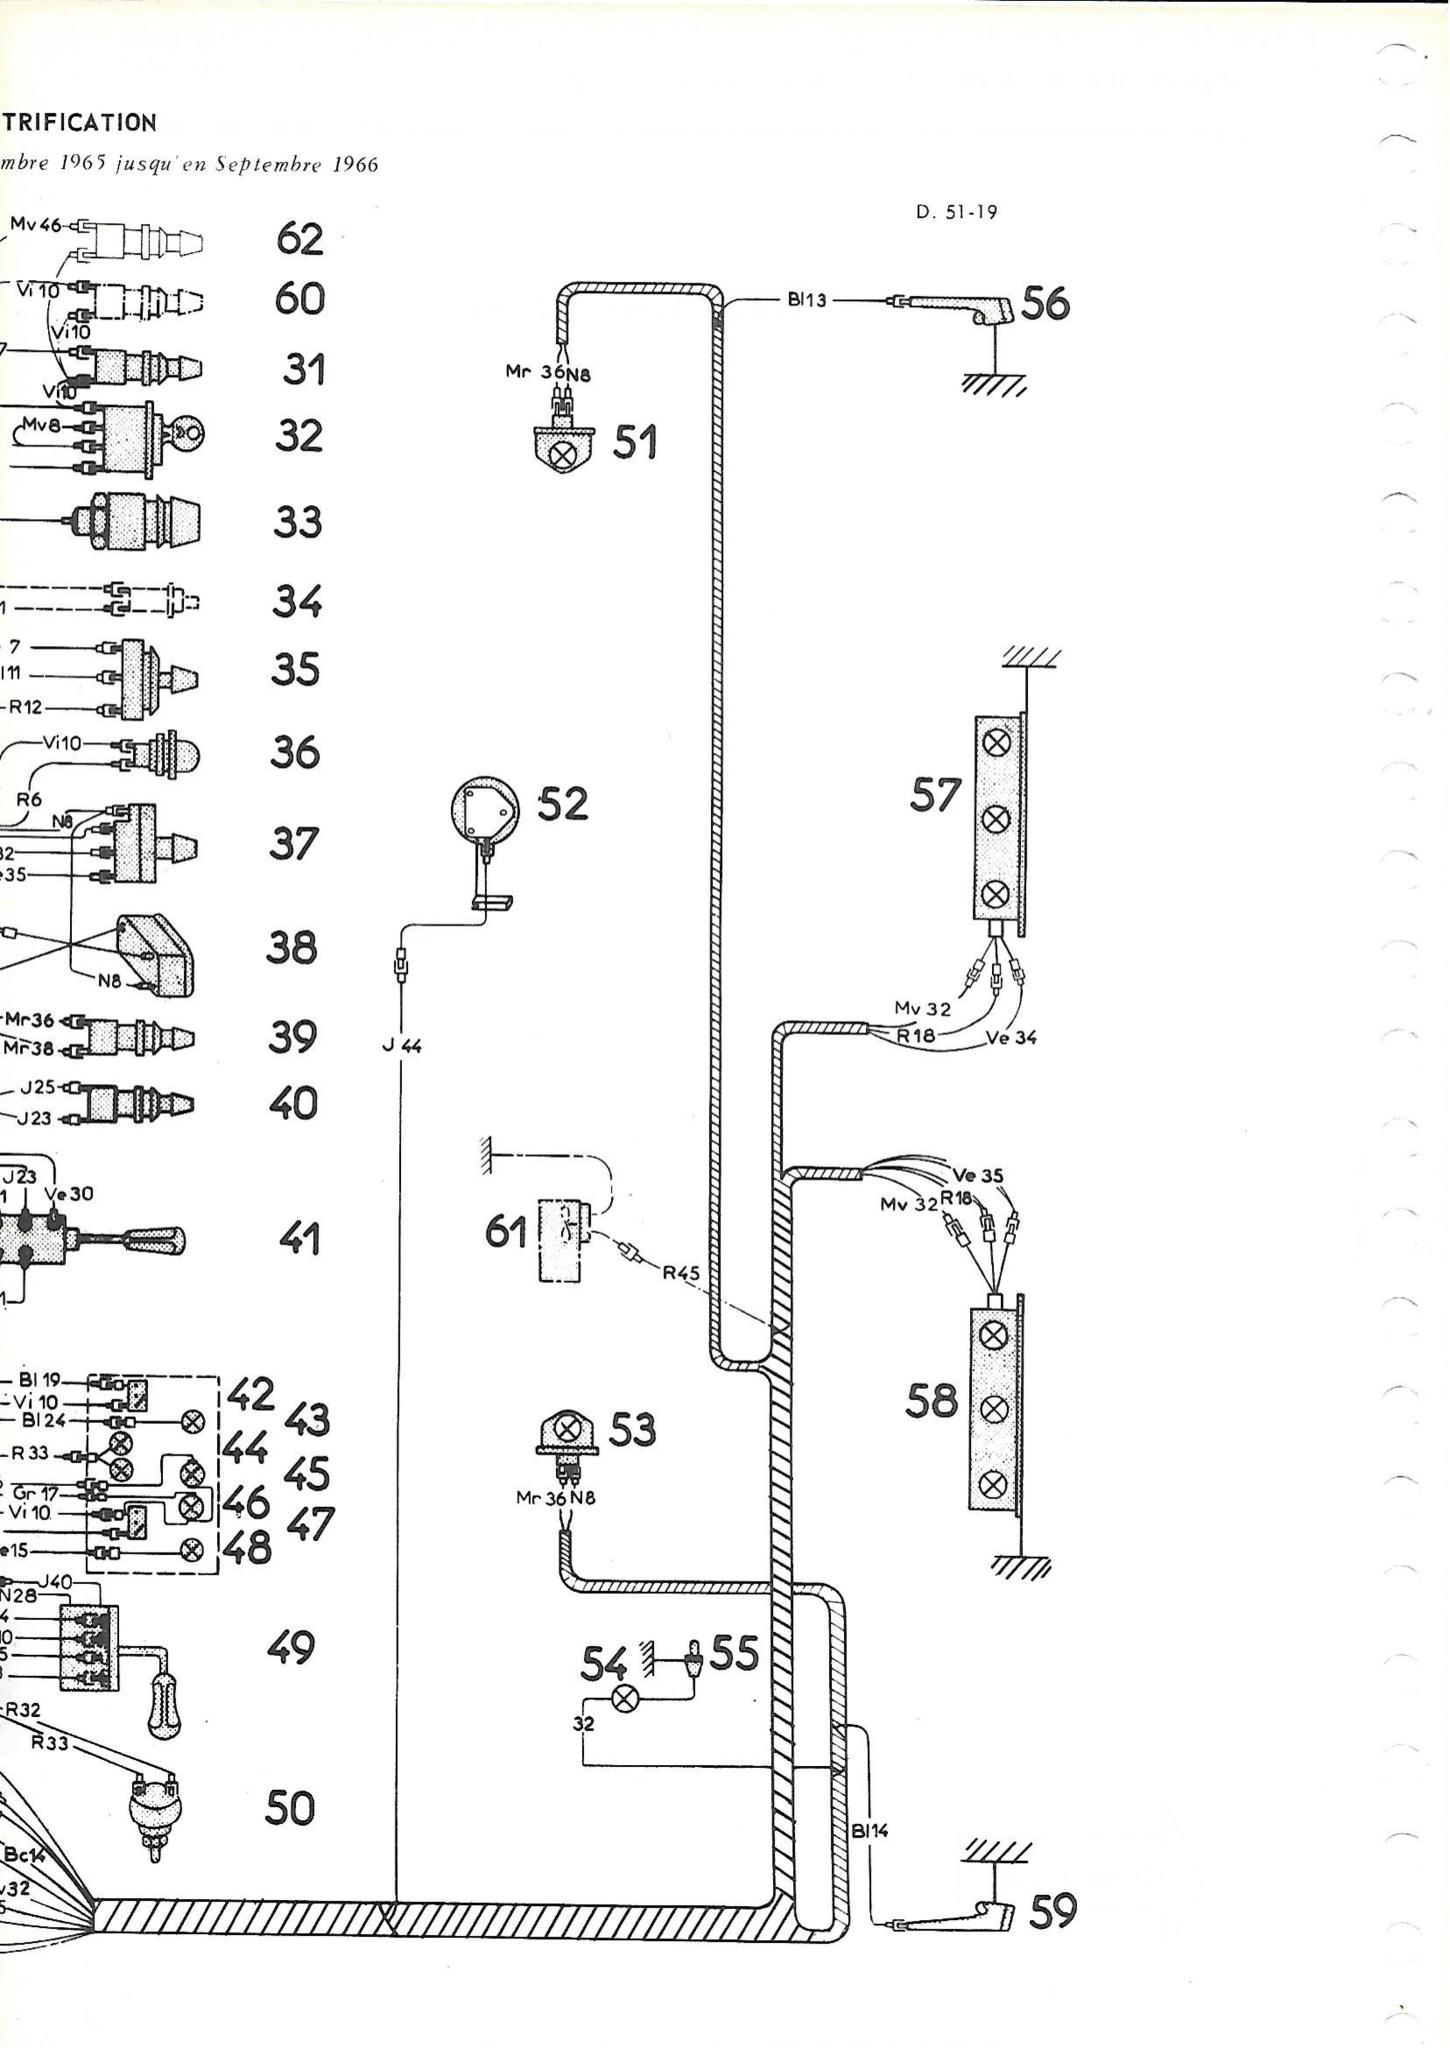 Cableria delantera (batteria izquierda) pallas 66 Nr Org: DX51123C